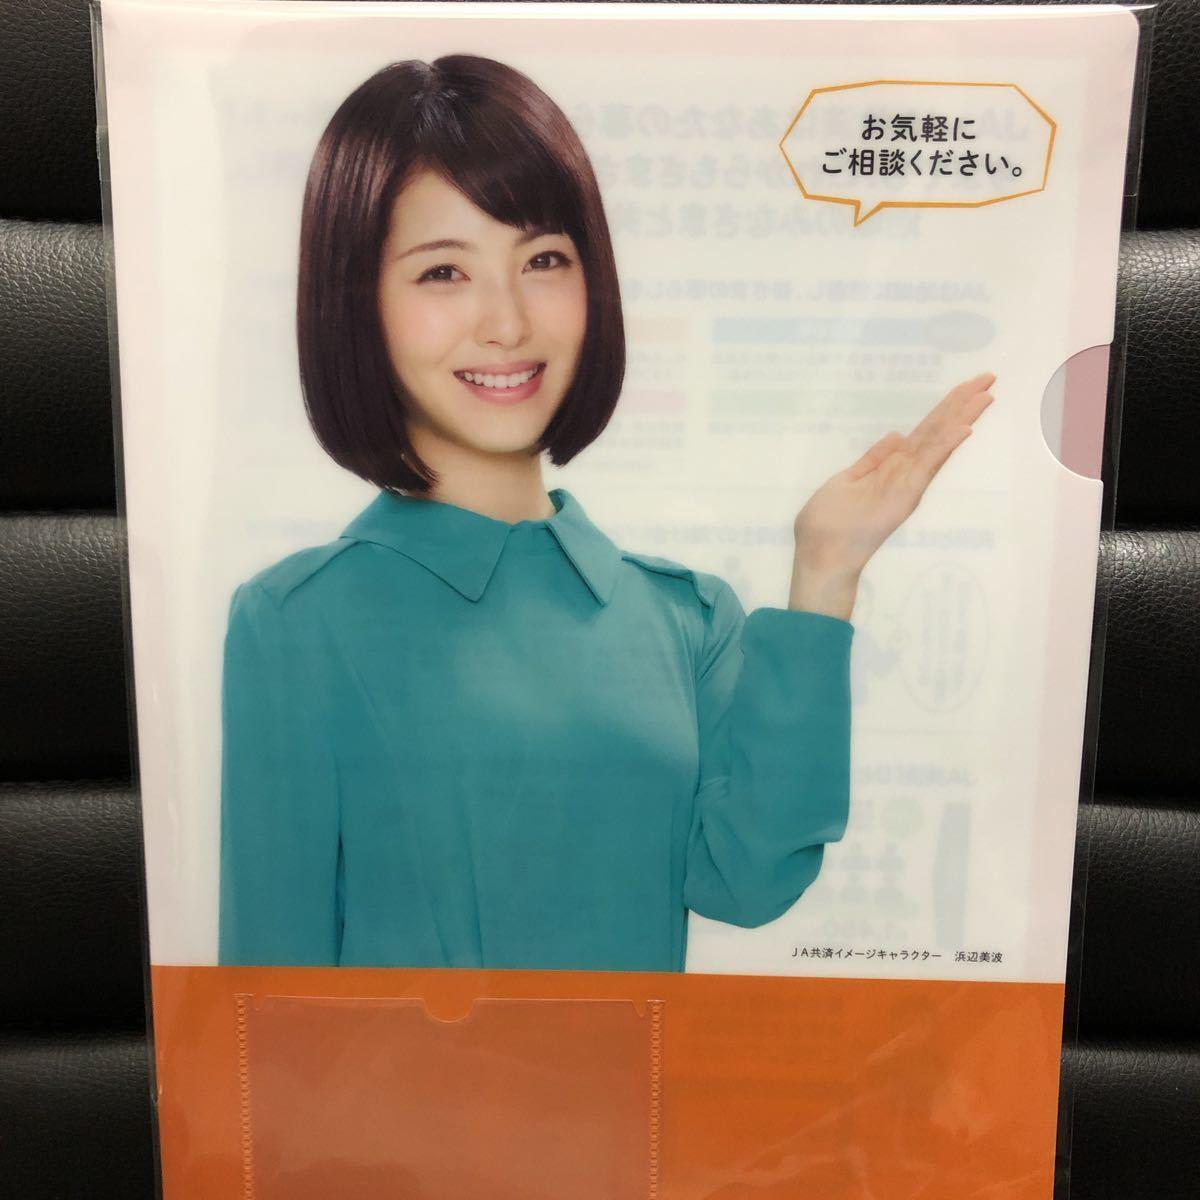 未使用★浜辺美波 非売品 クリアファイル  JA共済 ★_画像2